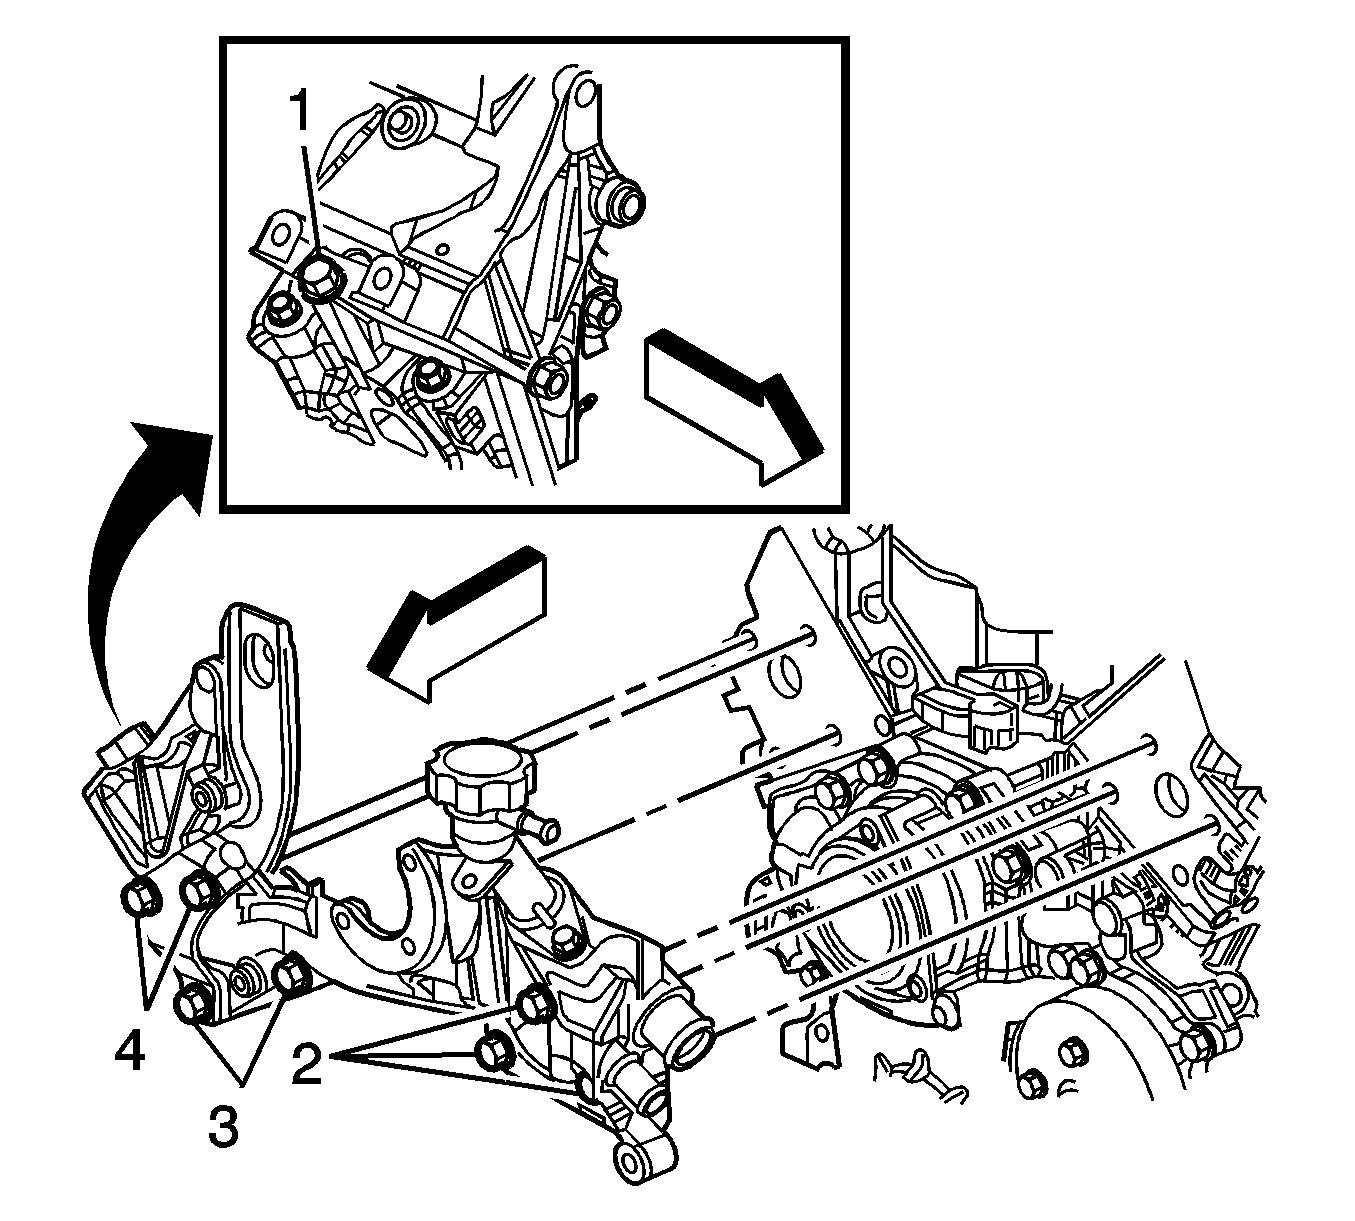 2005 pontiac g6 engine diagram